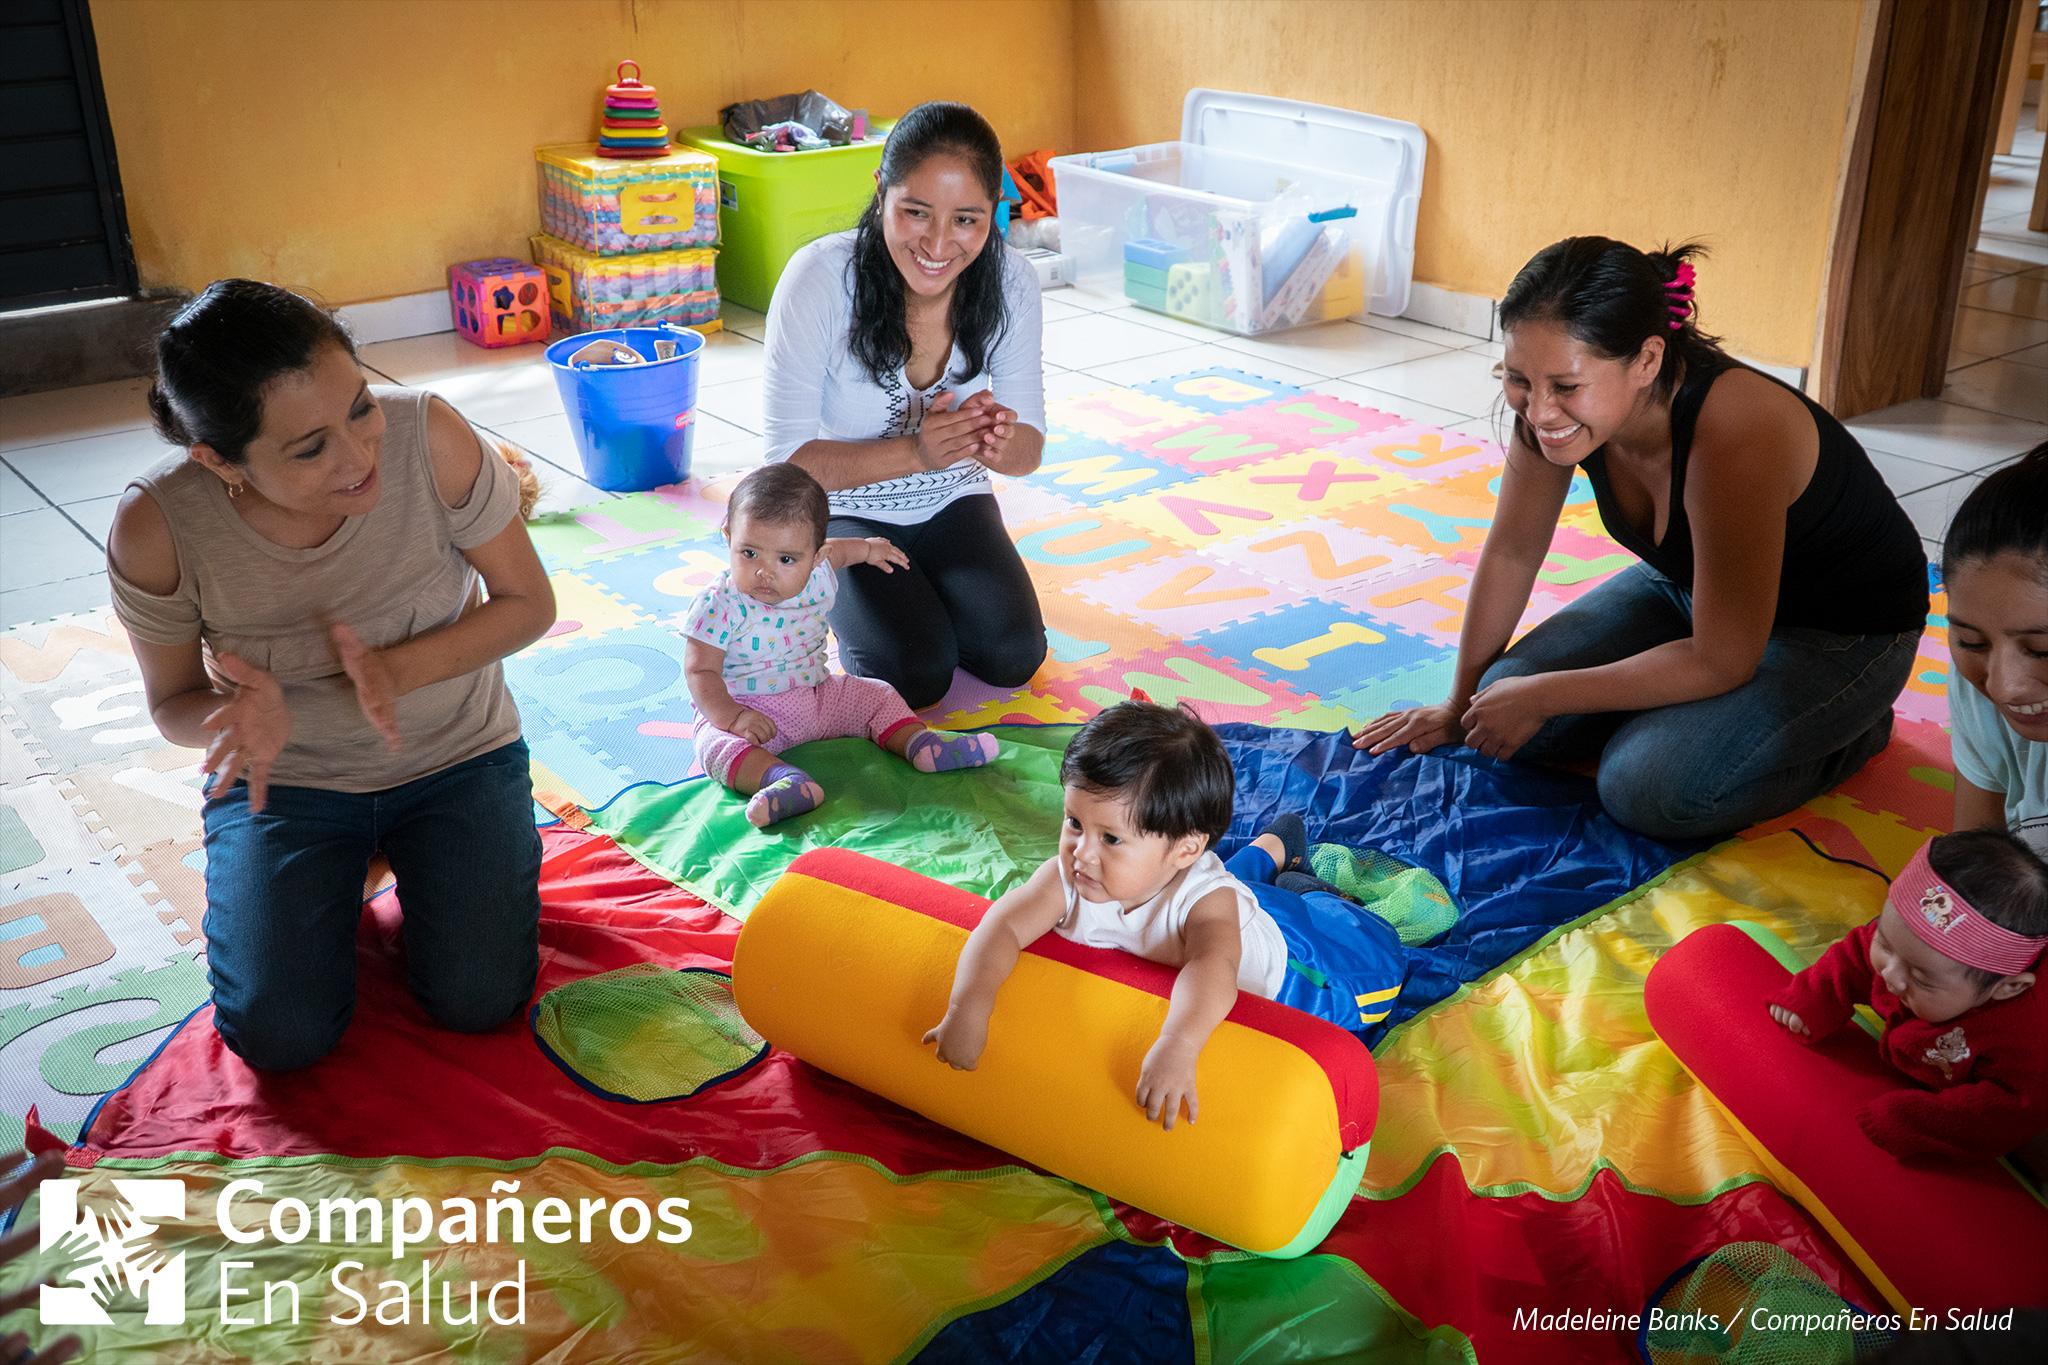 La maestra Luisa Fernanda Estrella Maza y el grupo de madres en el curso de desarrollo infantil y estimulación temprana animan al niño Darek mientras él trata de cruzar el tapete.